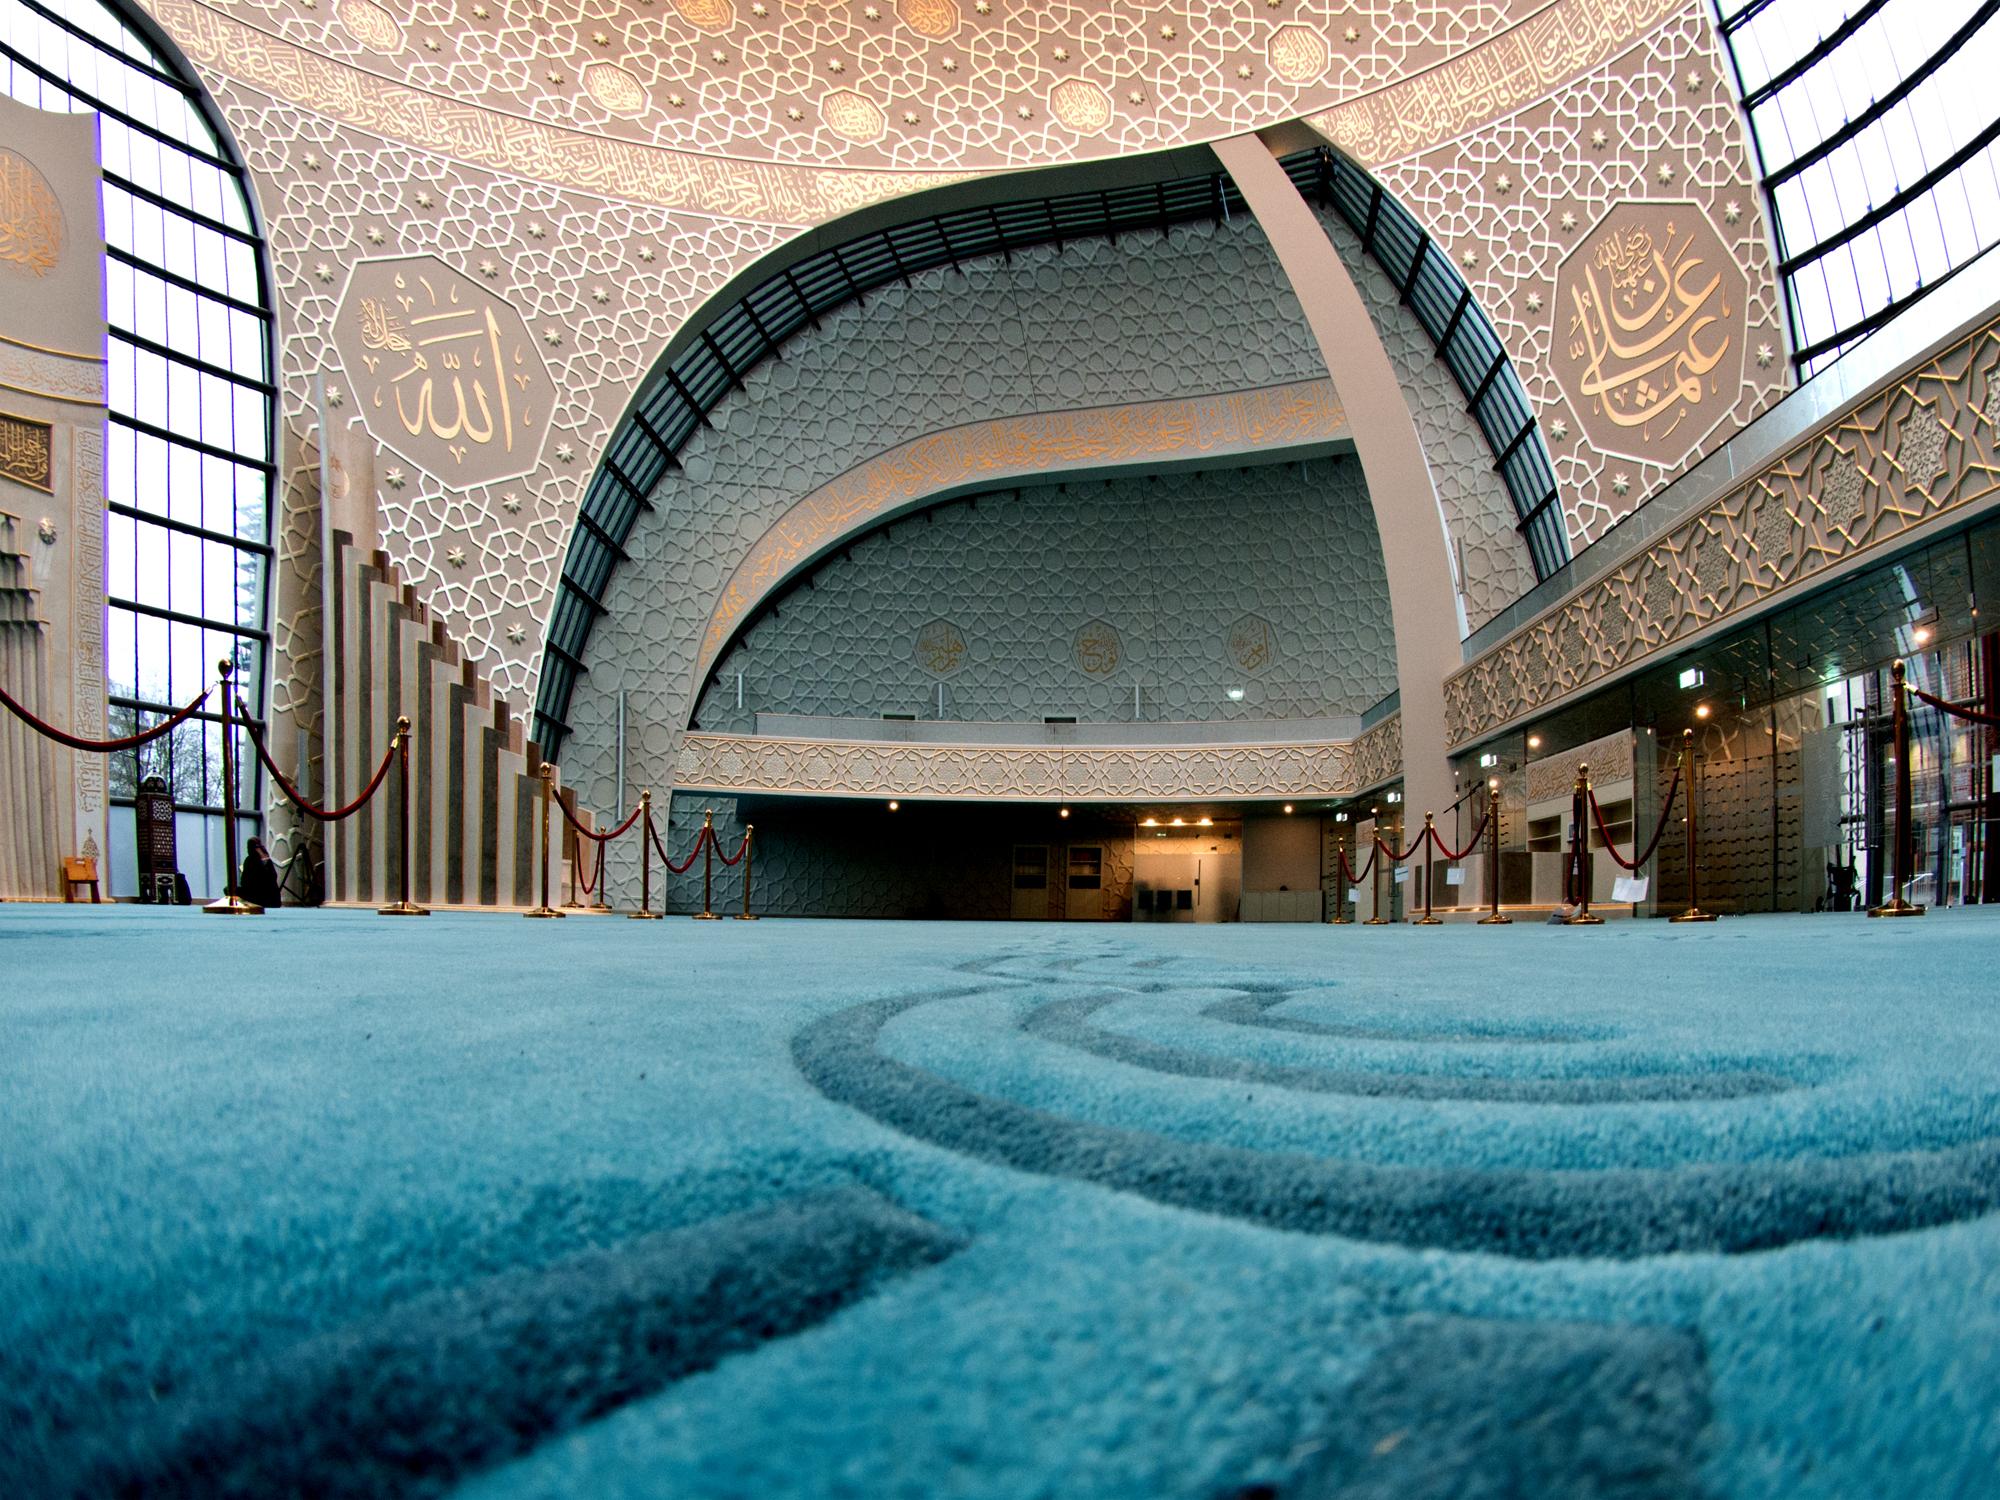 Auf dem blauen Gebetsteppich finden 1200 Gläubige Platz. Gebetet wird Schulter an Schulter.                                                                                           Foto: I. Engels